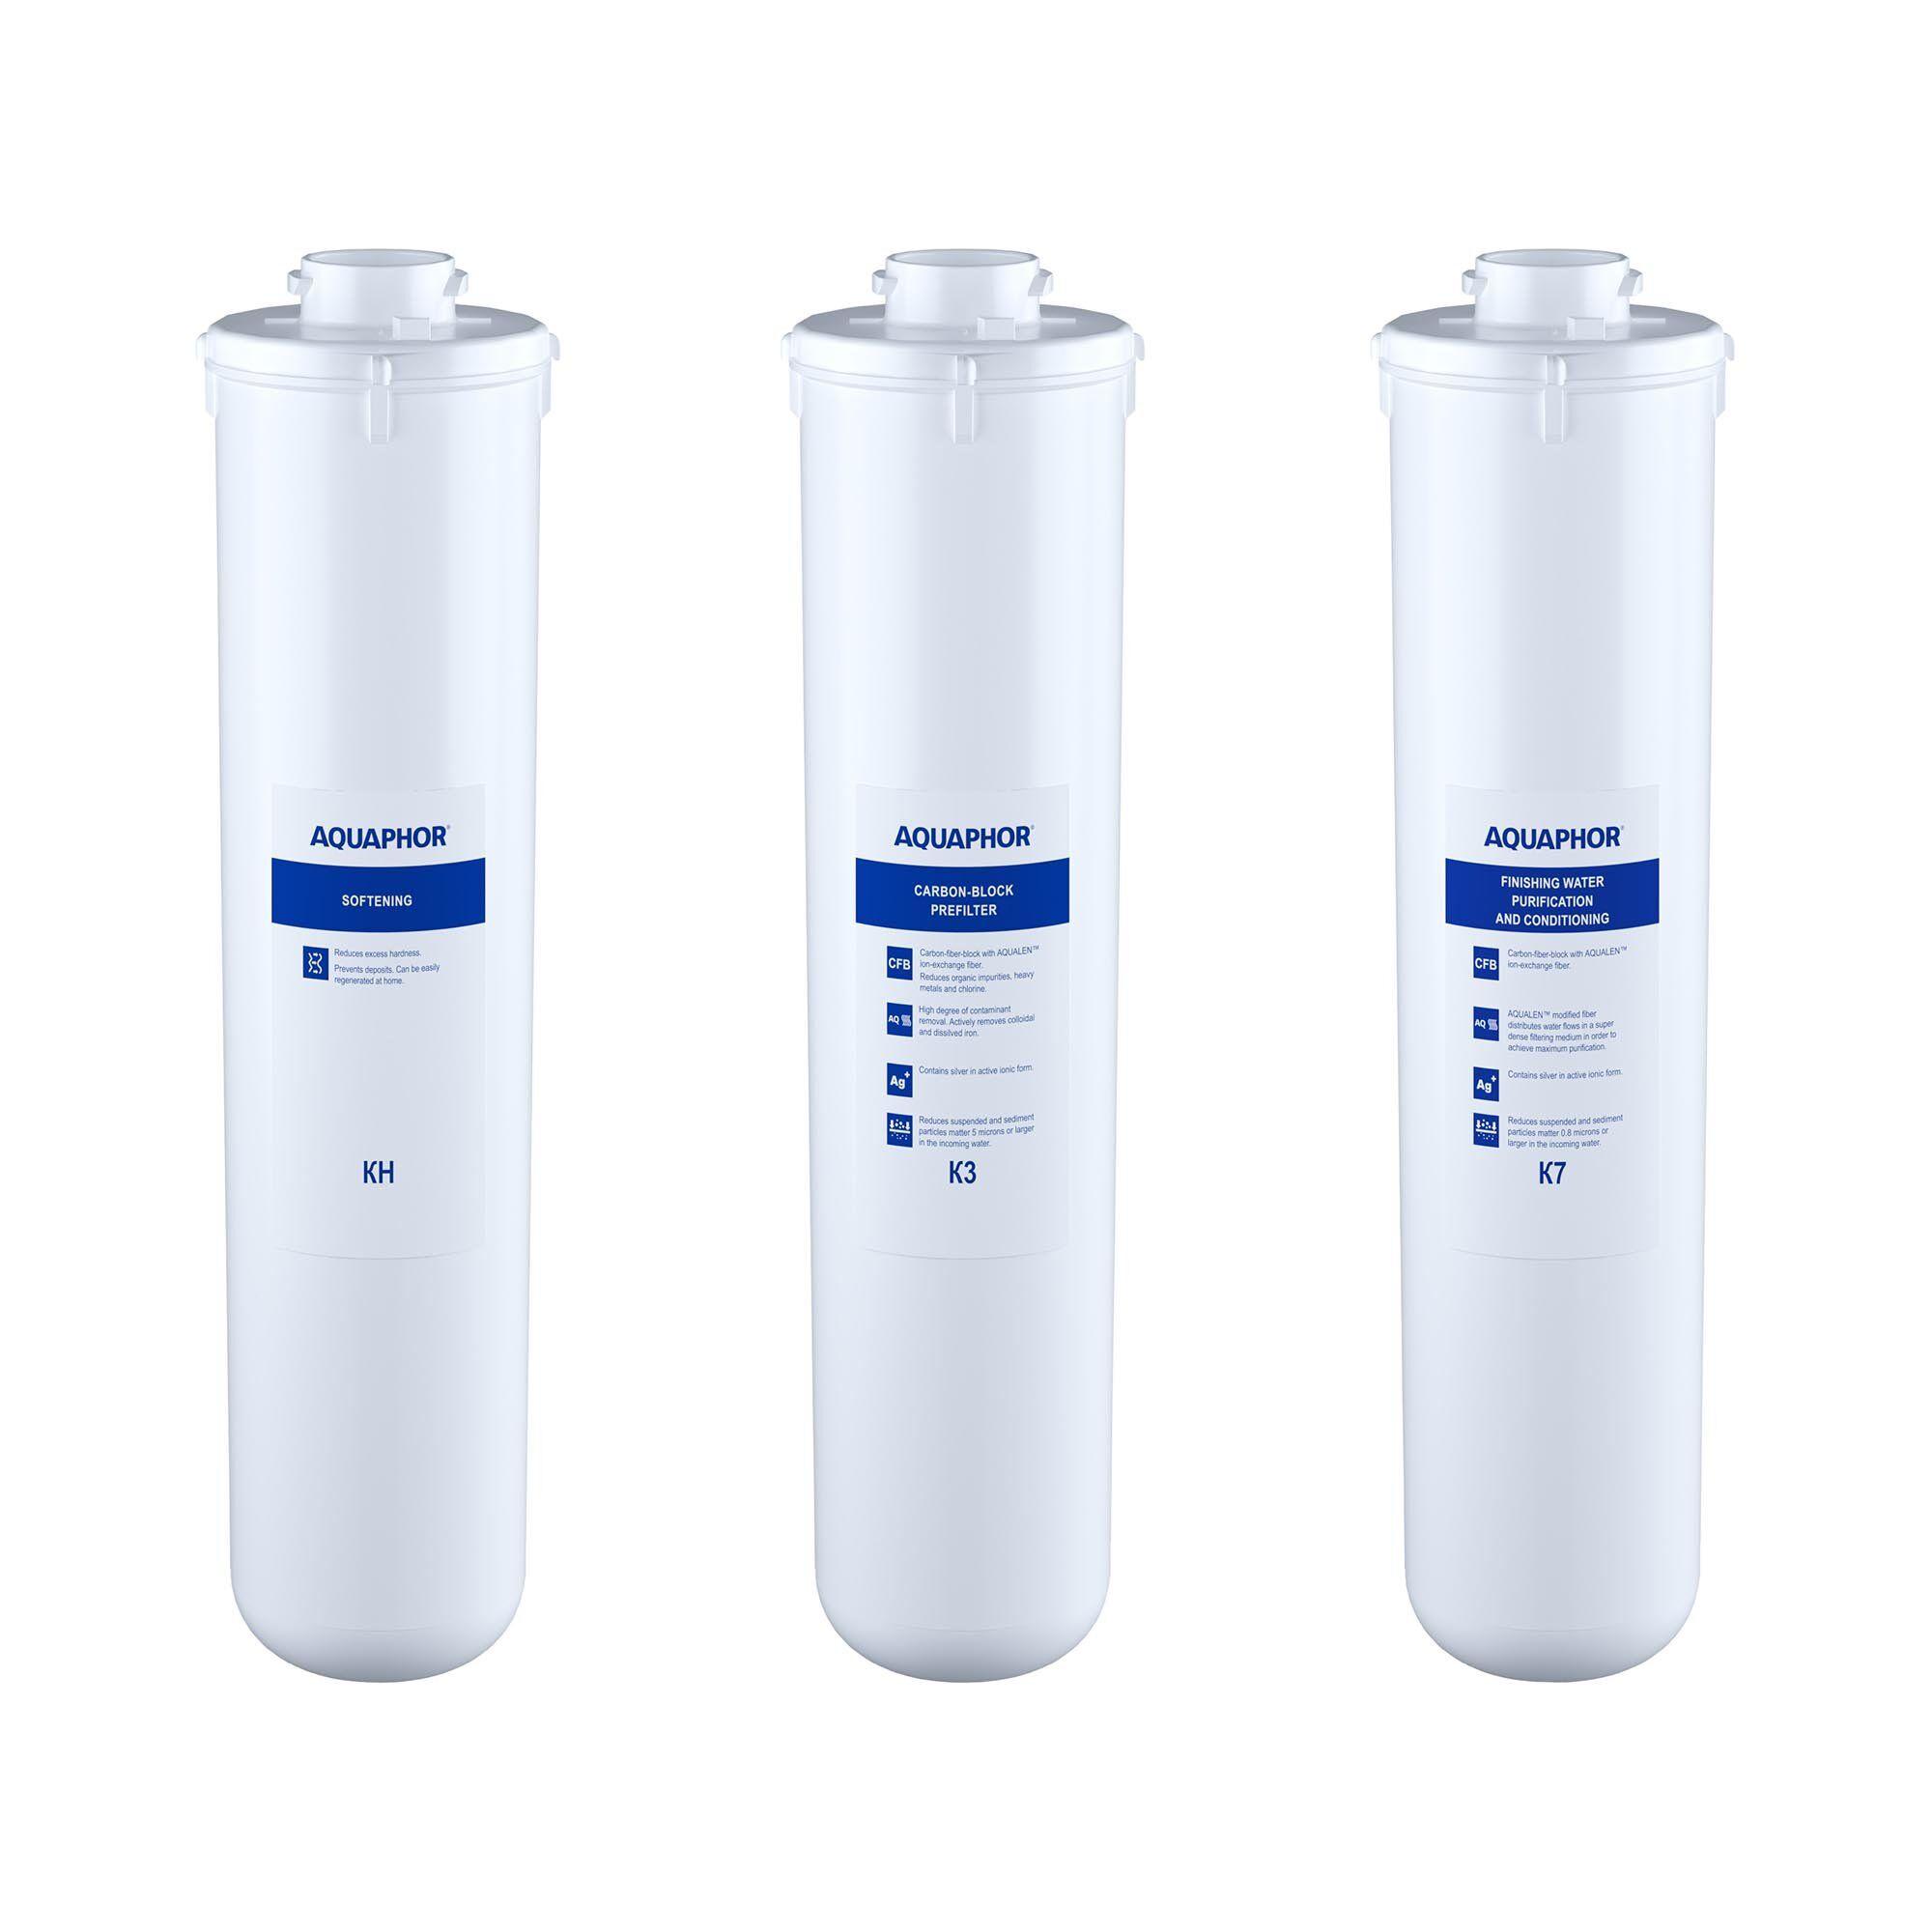 Aquaphor Filtre à charbon actif eau Aquaphor - Kit de filtres de rechange avec filtre calcaire CRISTAL H FILTERS